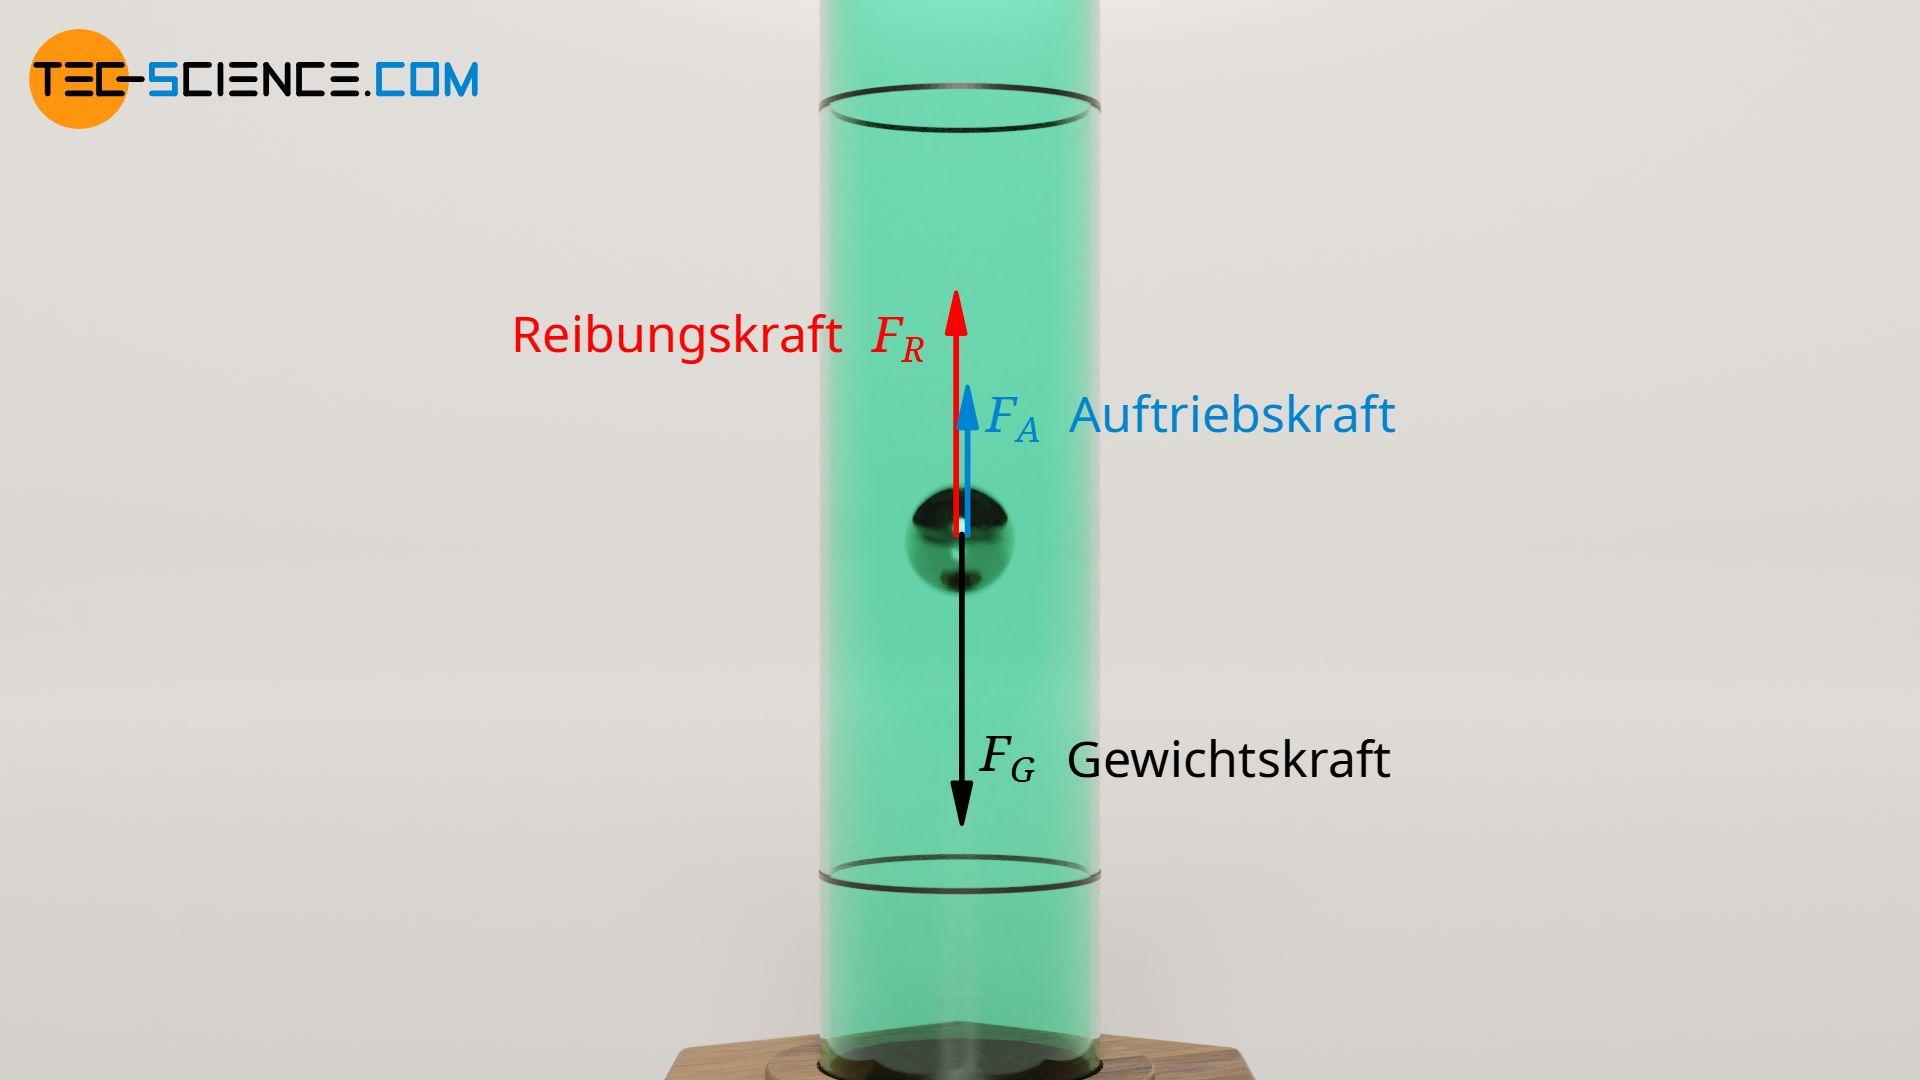 Kräftegleichgewicht an einer fallenden Kugel in einer Flüssigkeit